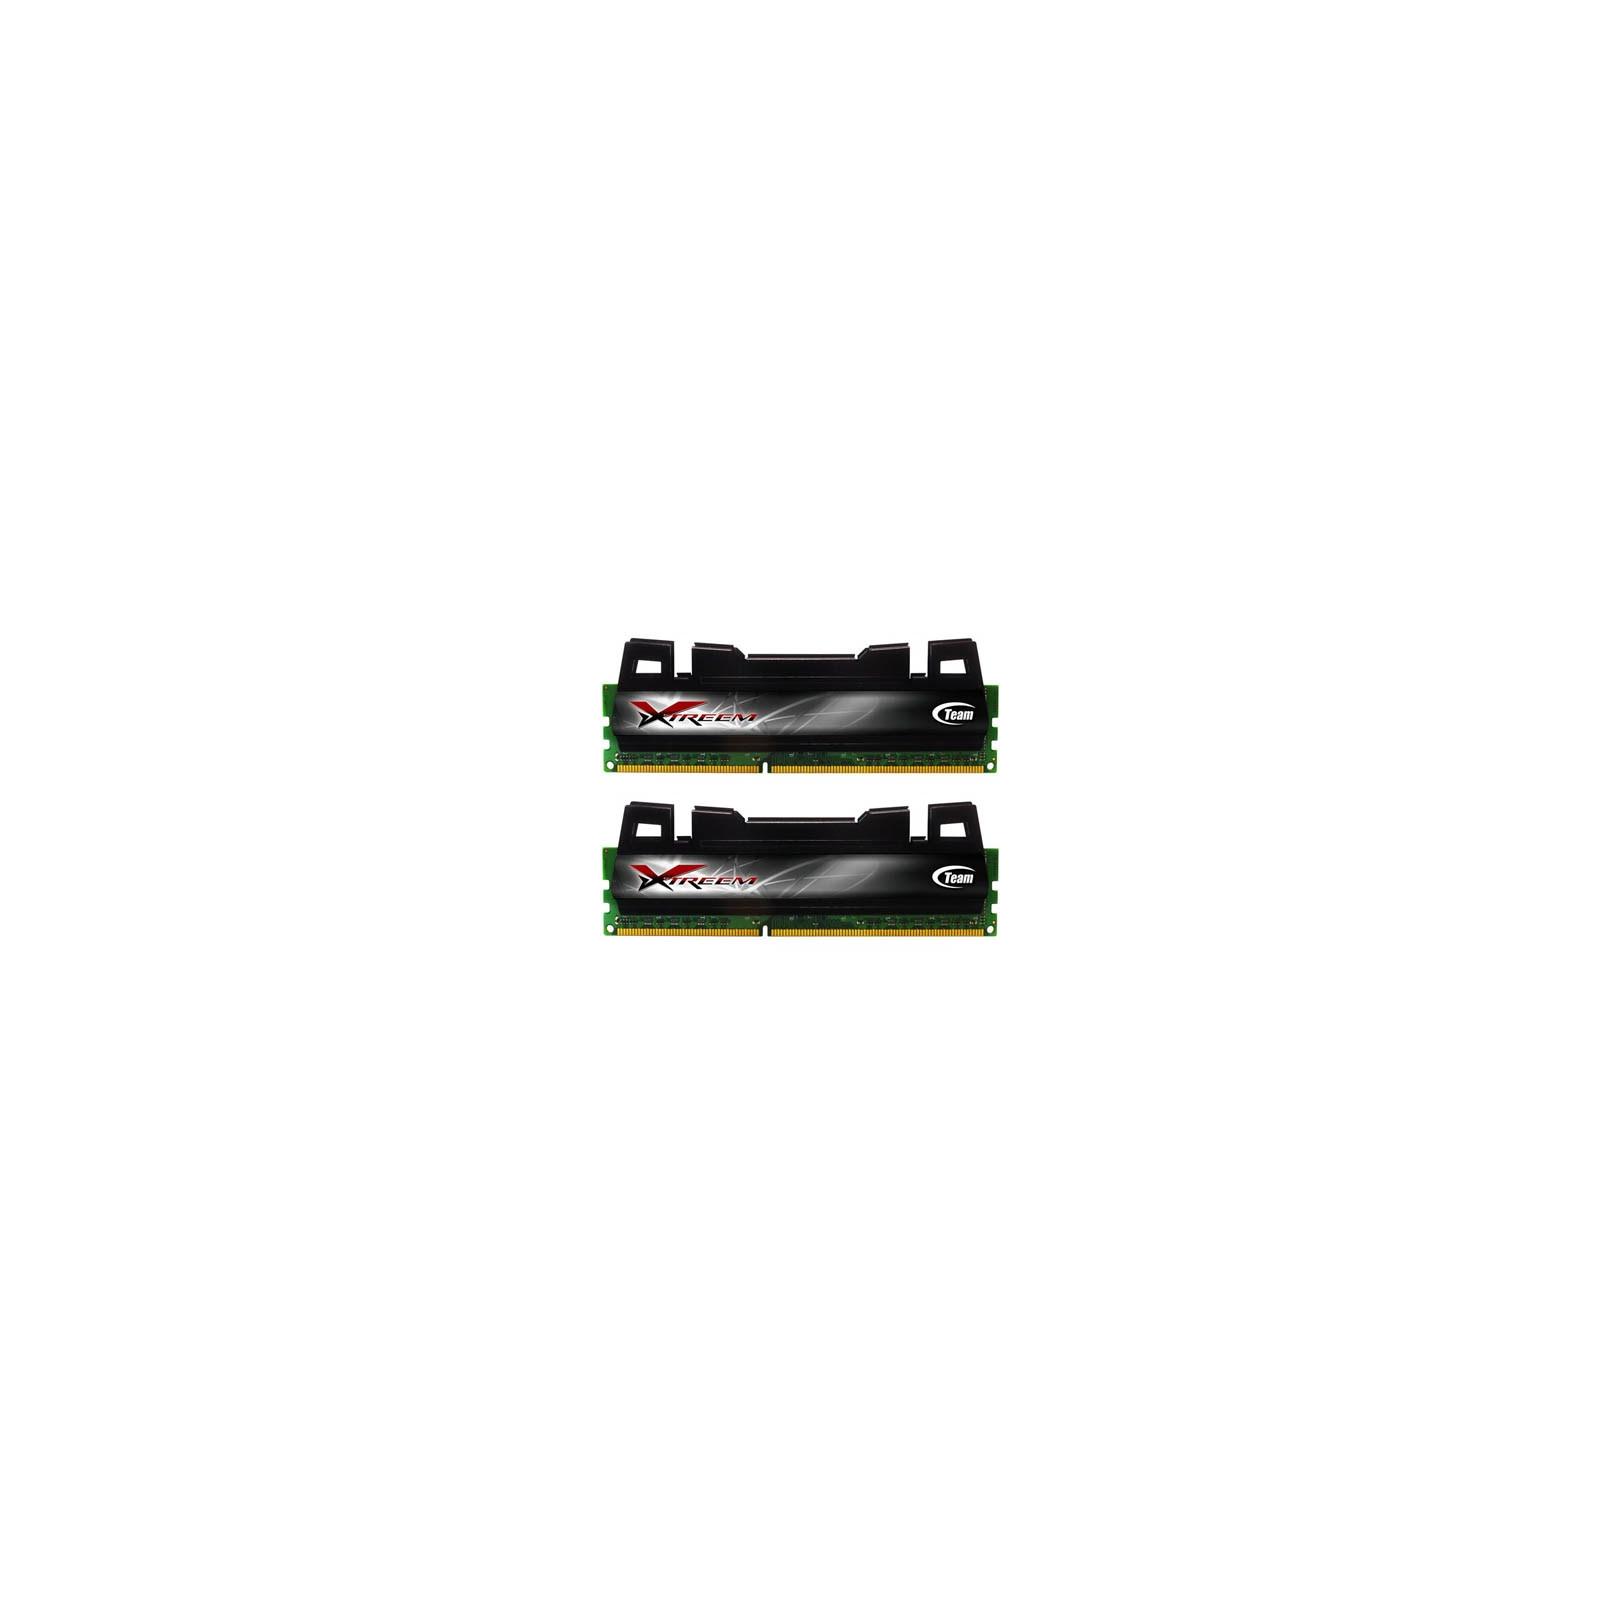 Модуль памяти для компьютера DDR3 8GB (2x4GB) 1866 MHz Team (TDD38G1866HC11DC01)